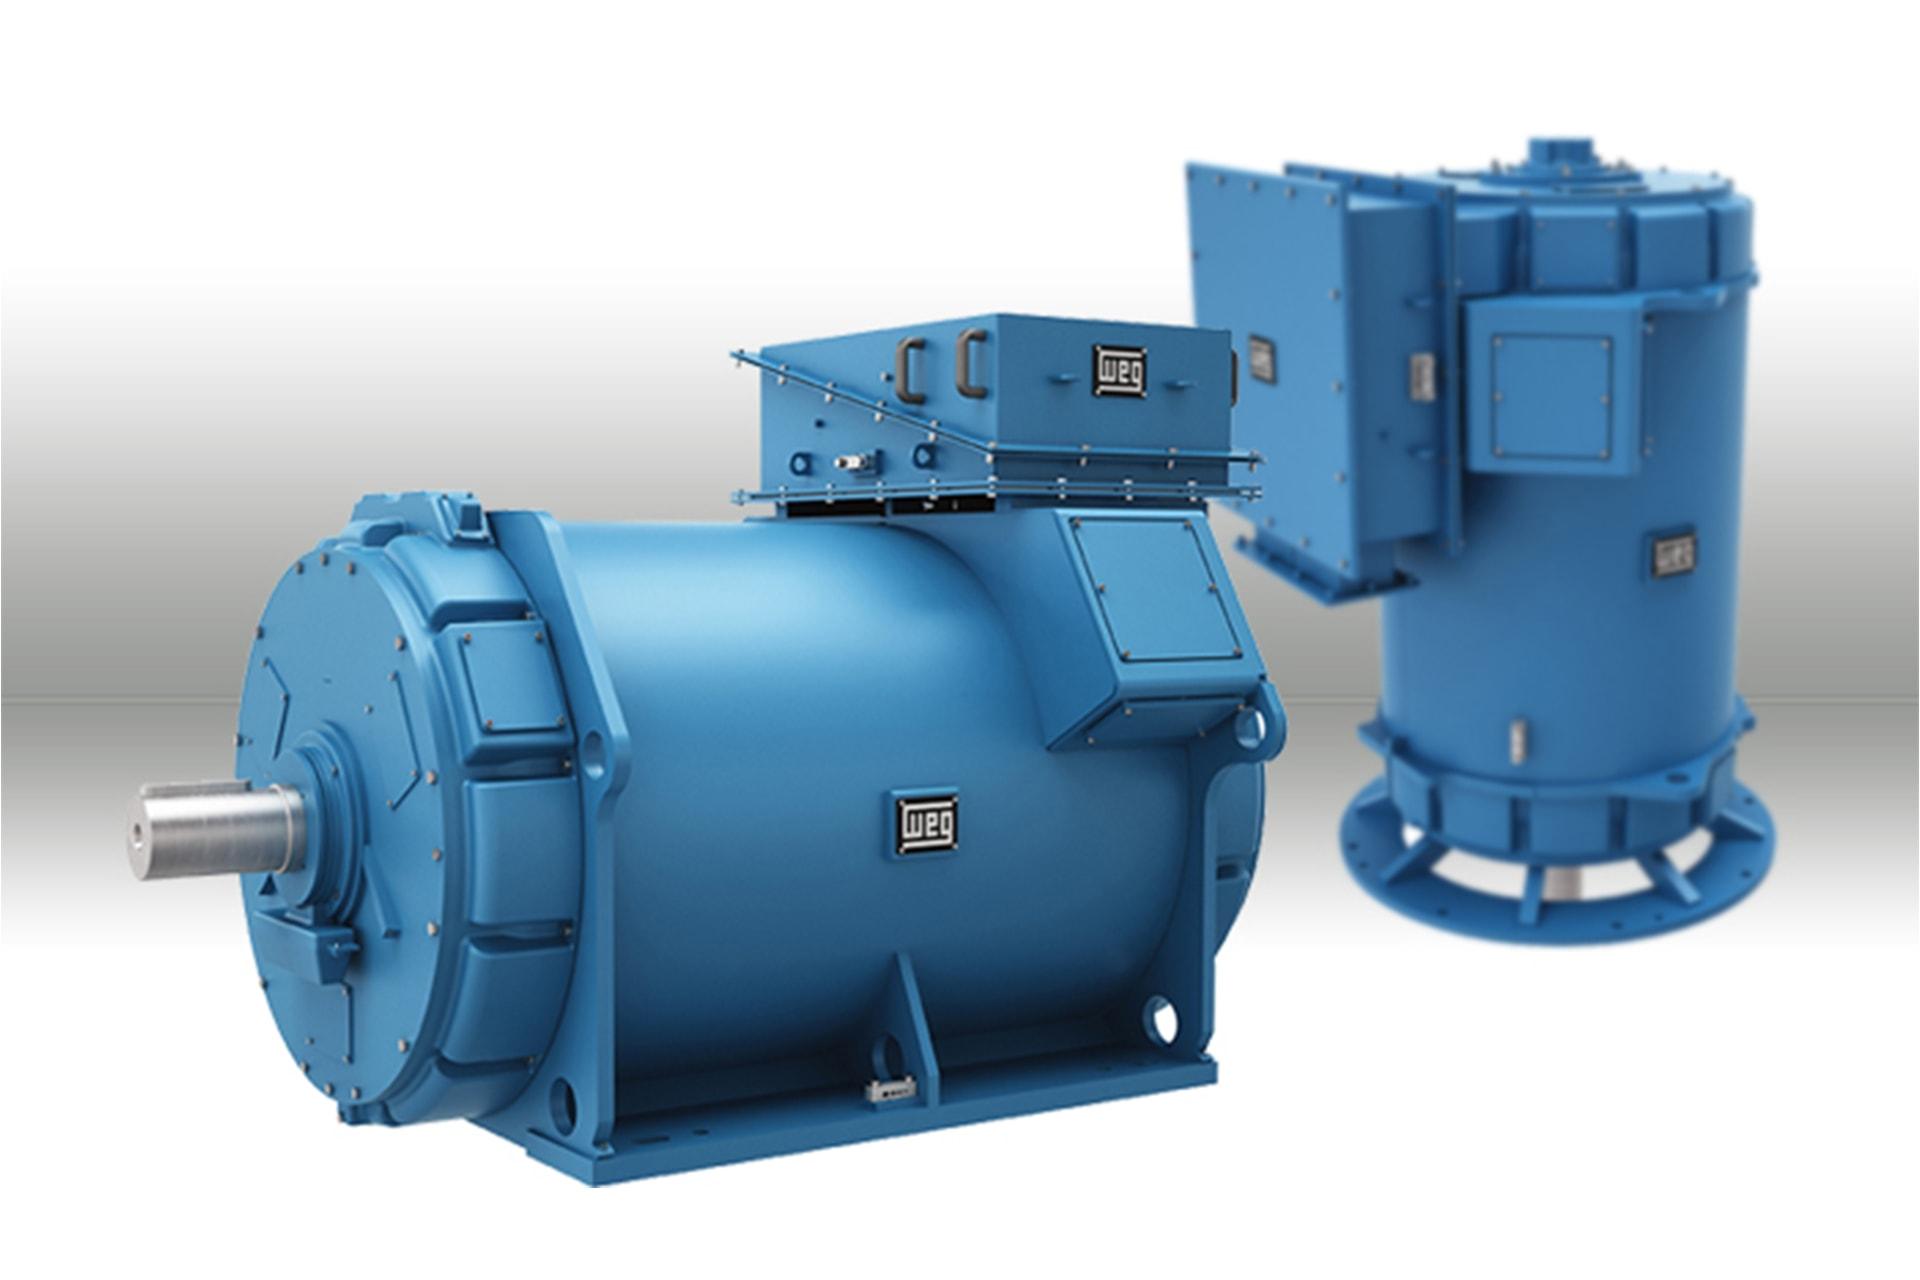 Nueva tecnología de refrigeración para motores de gran porte